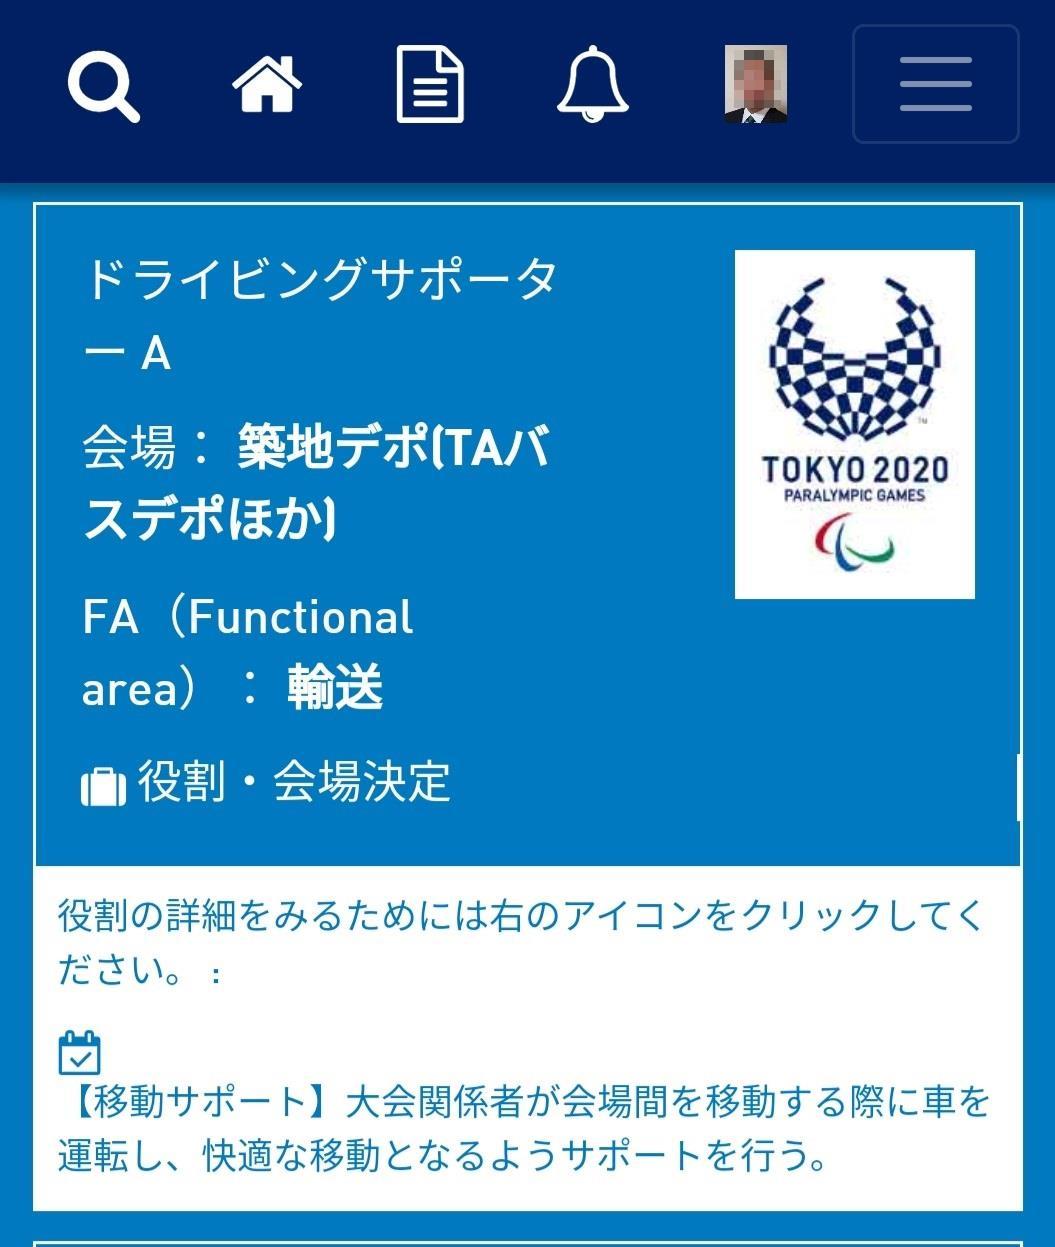 東京 オリンピック ボランティア マイ ページ